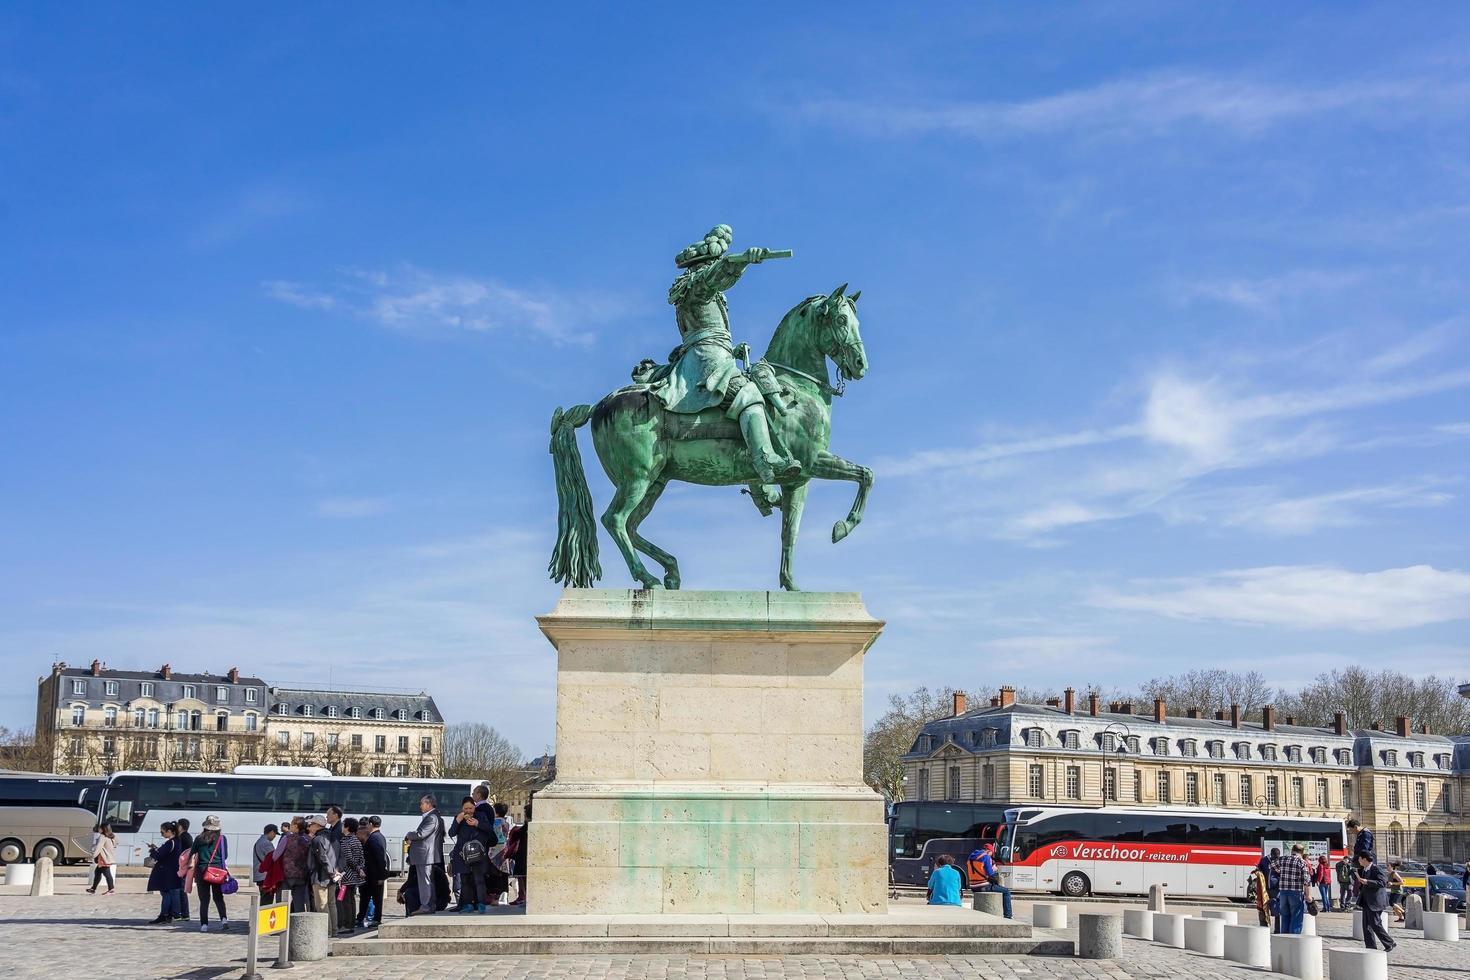 place d'armes di fronte al palazzo reale di versailles in francia foto